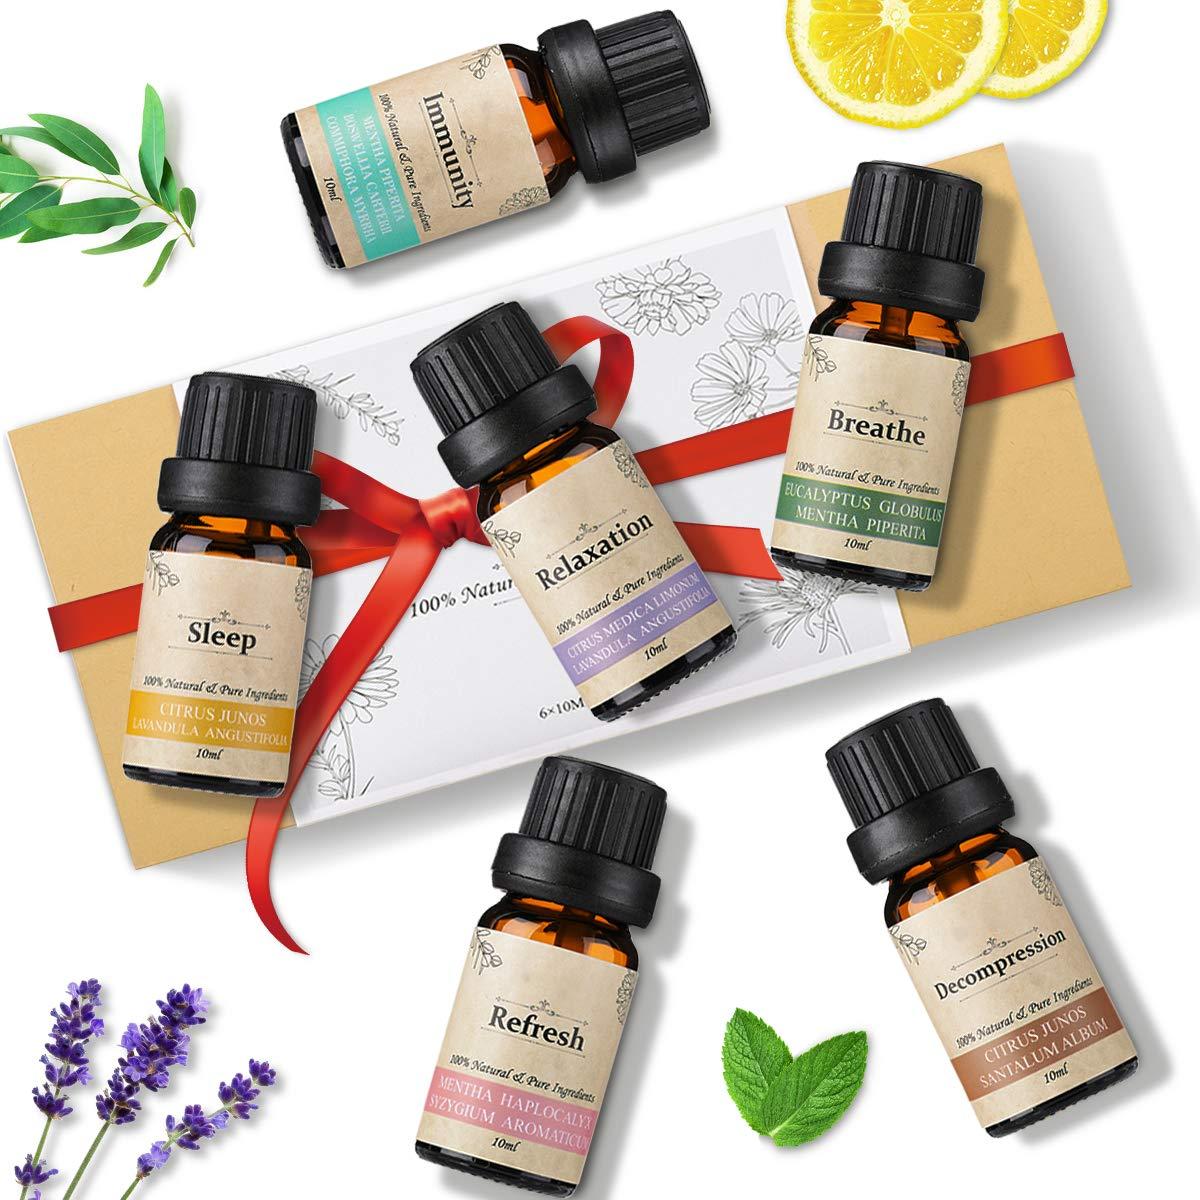 Janolia Aceites Esenciales, 6x10ML Aceites de Aromaterapia Pura Set, Sueño, Respira, Relajación